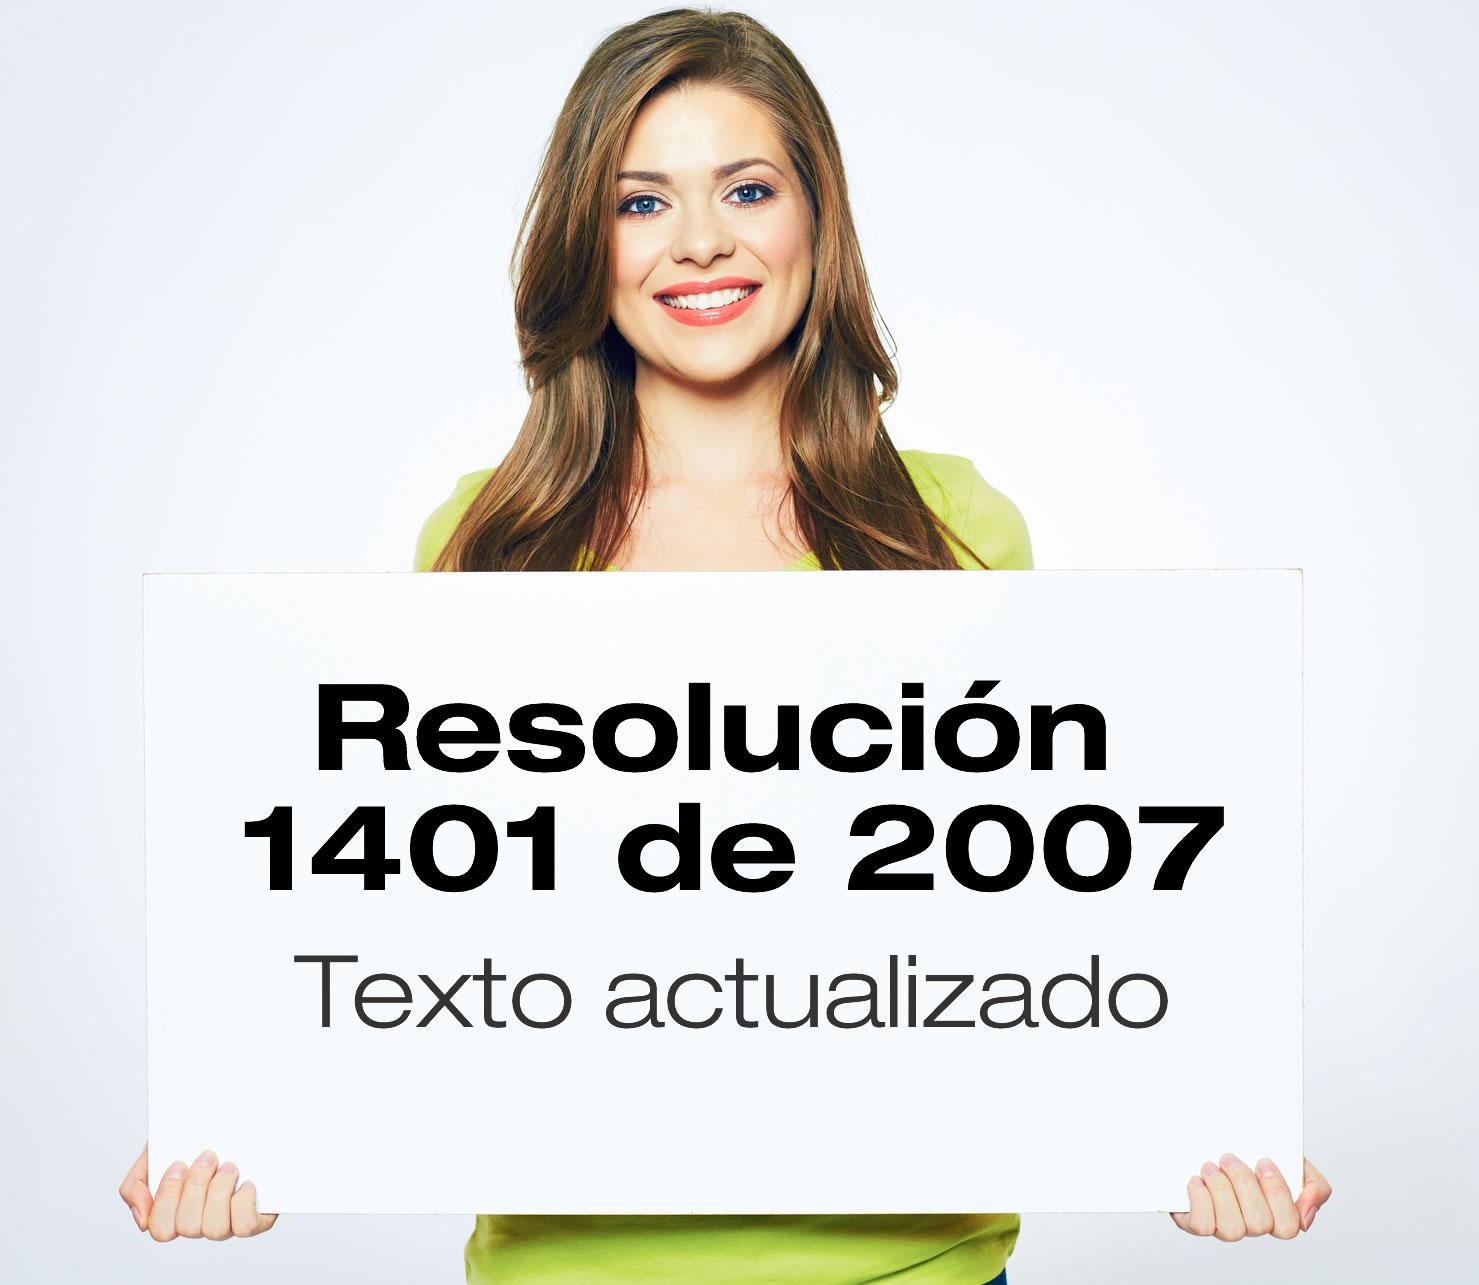 La Resolución 1401 de 2007 reglamenta la investigación de incidentes y accidentes de trabajo.